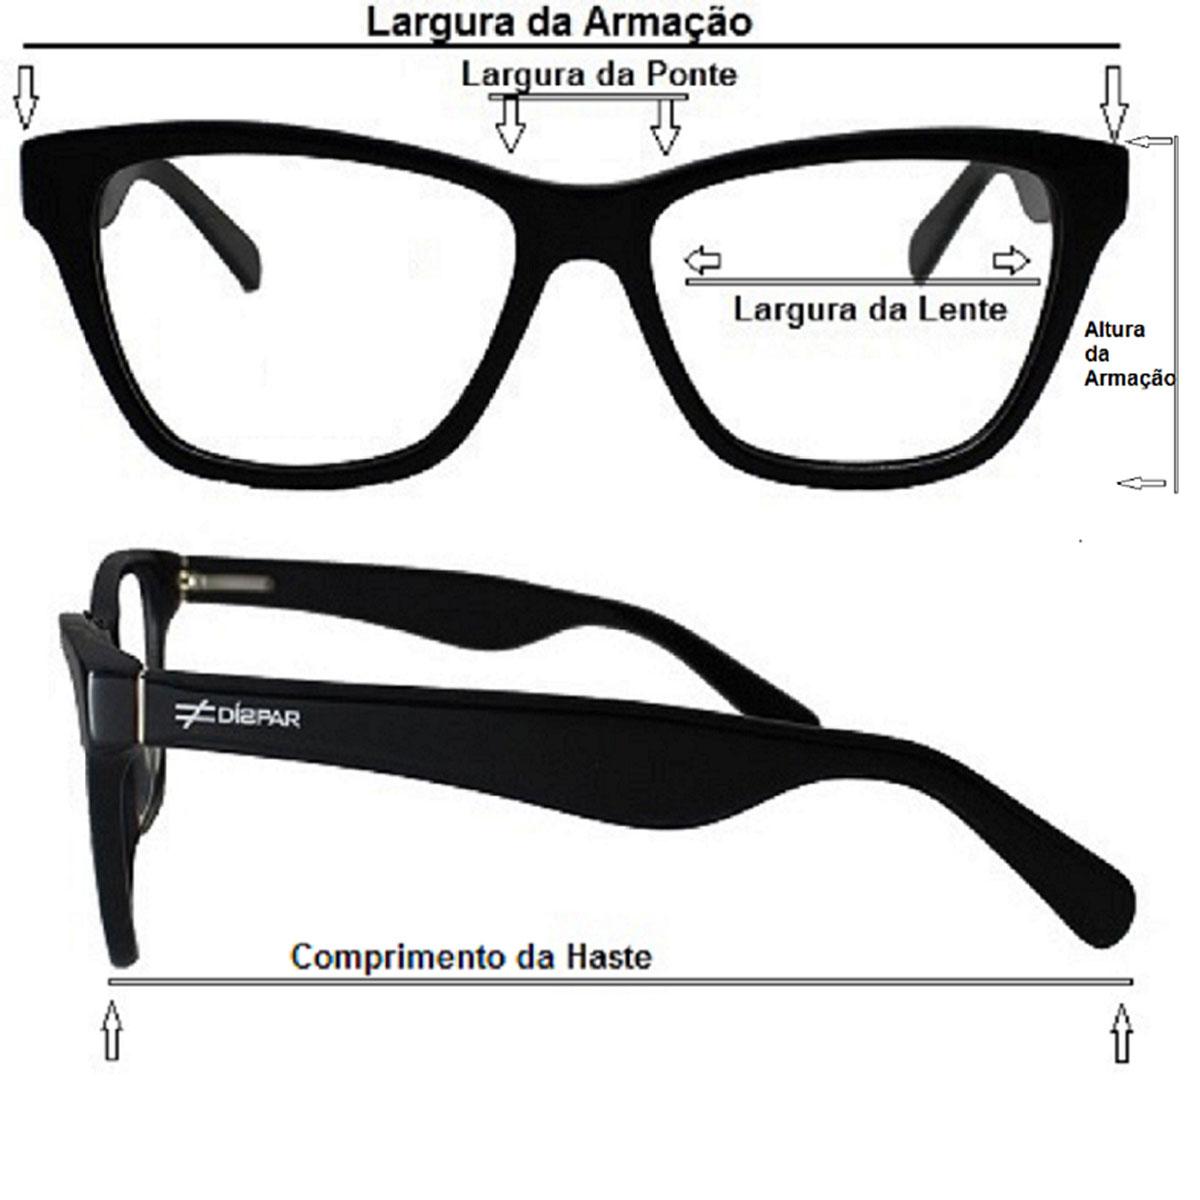 Óculos De Sol Díspar D2314 Retangular Lentes Polarizadas - Preto